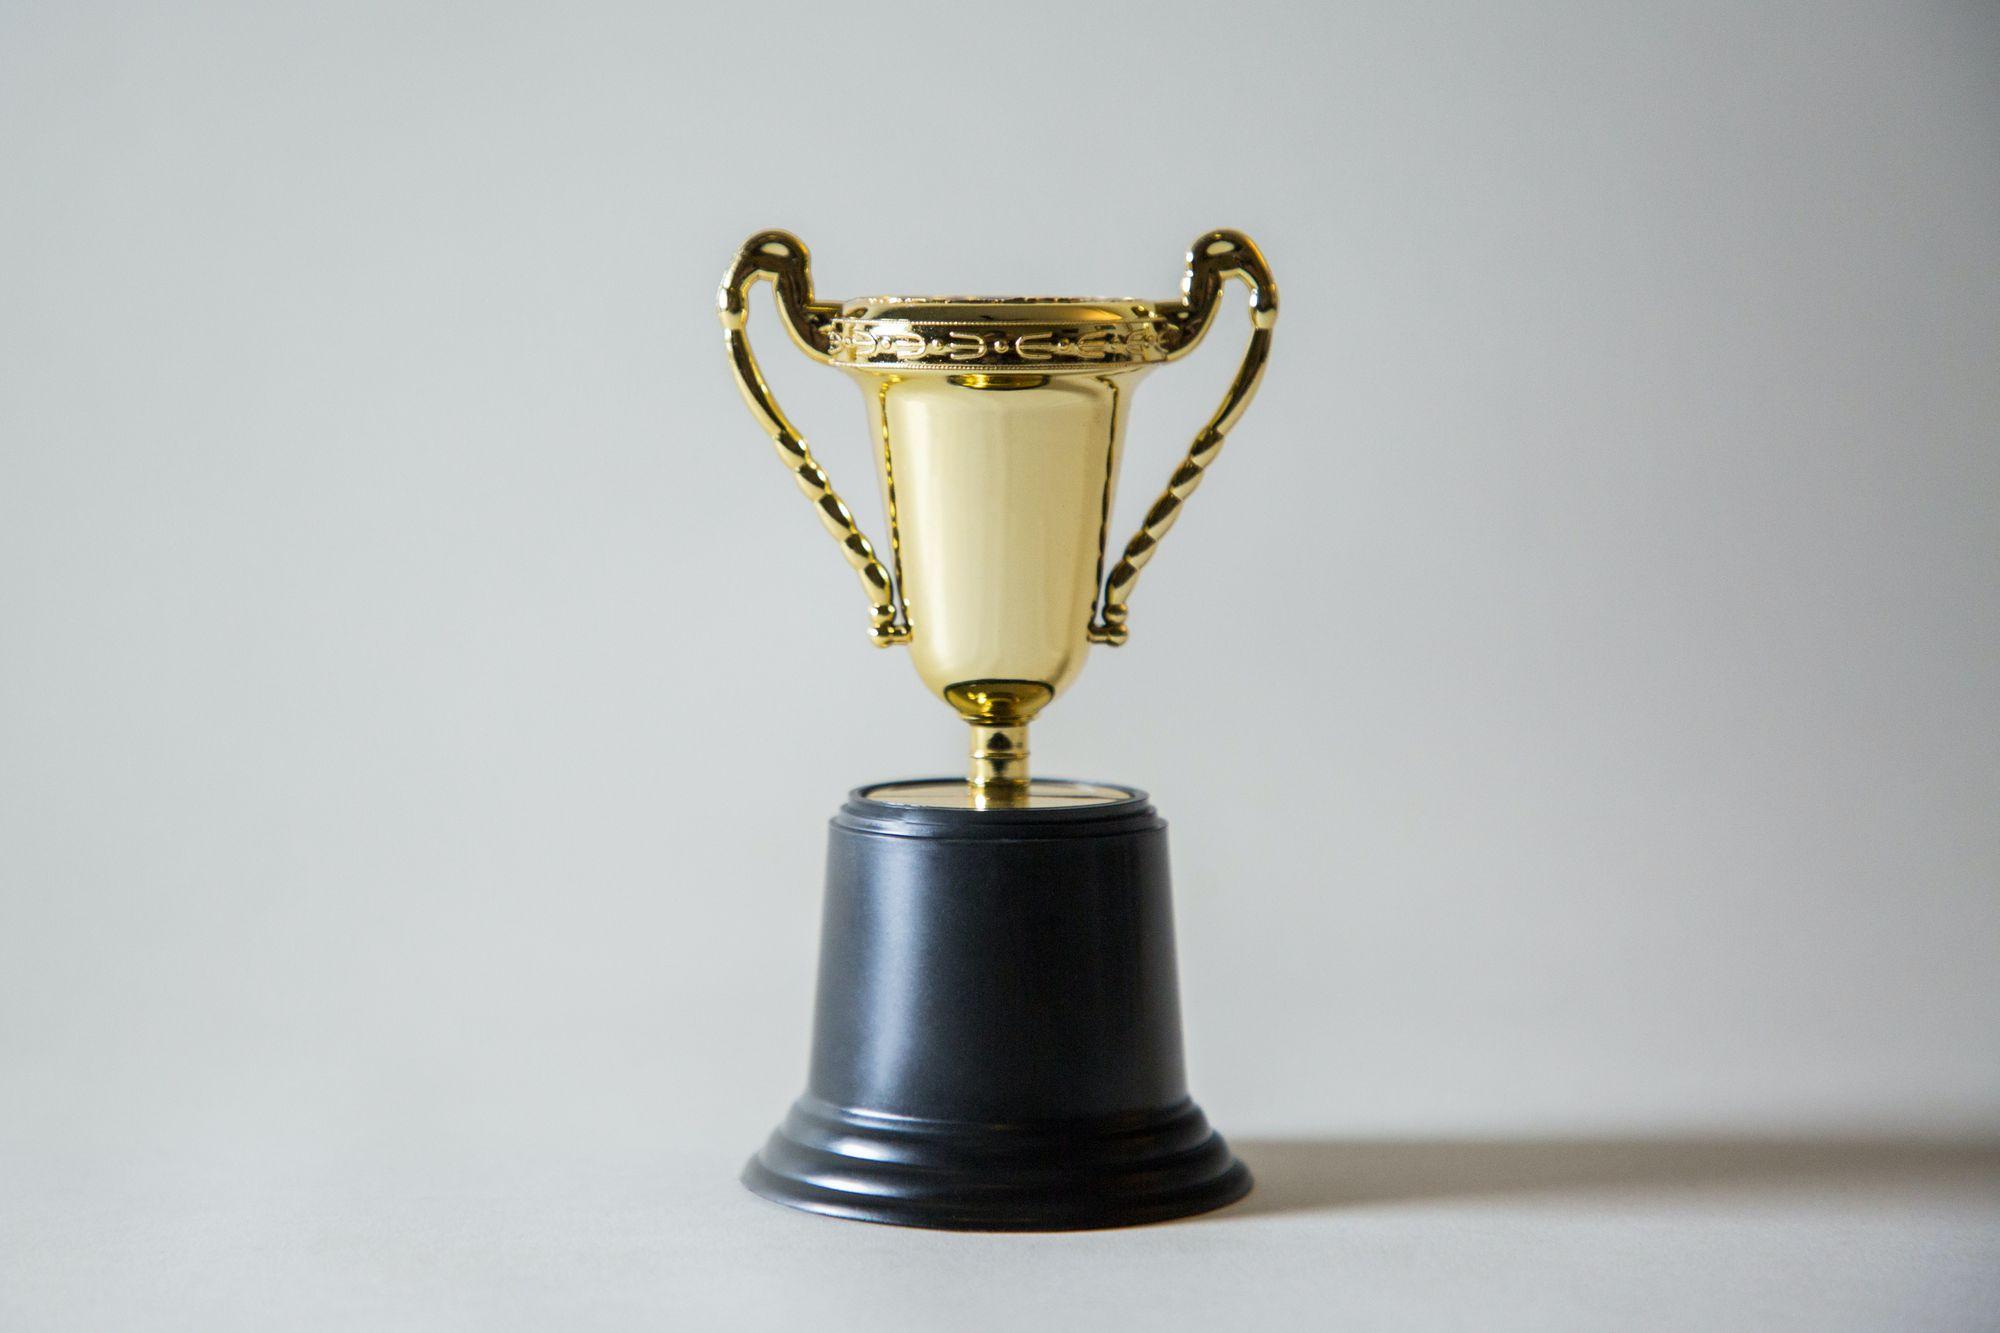 winning a prize